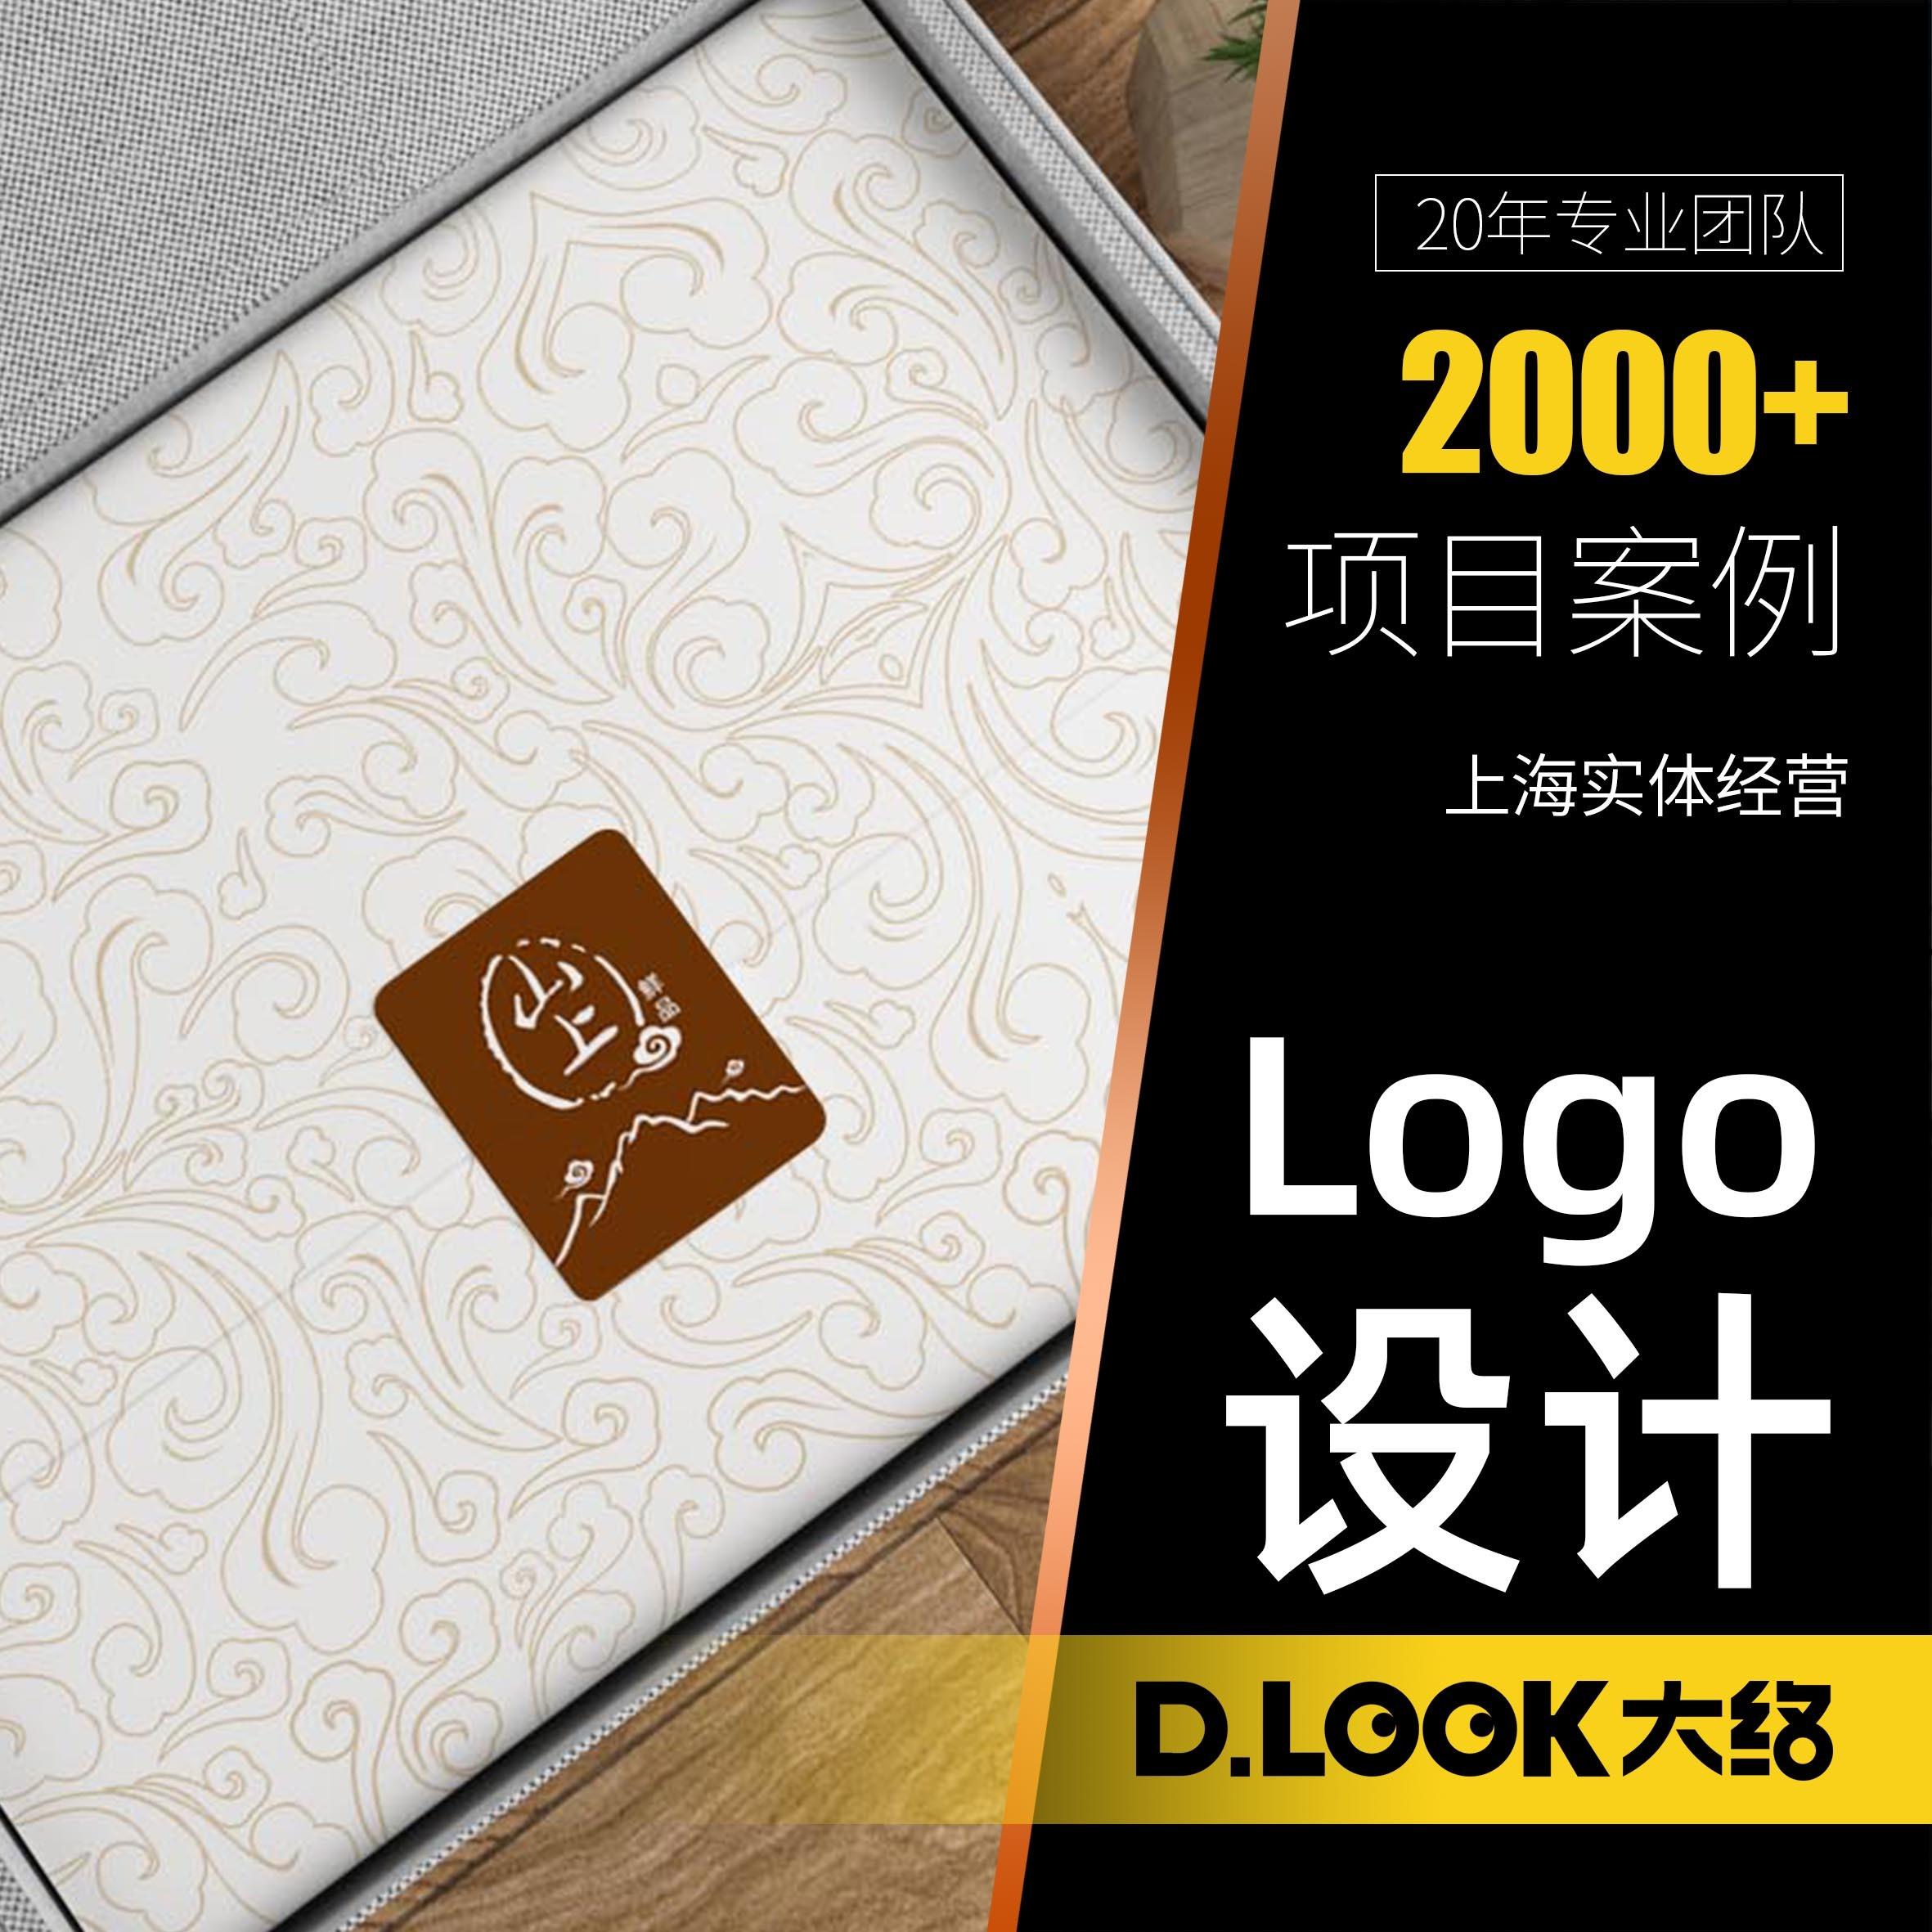 【牛年特惠】上海实体经营—食品-农副产品-logo品牌设计